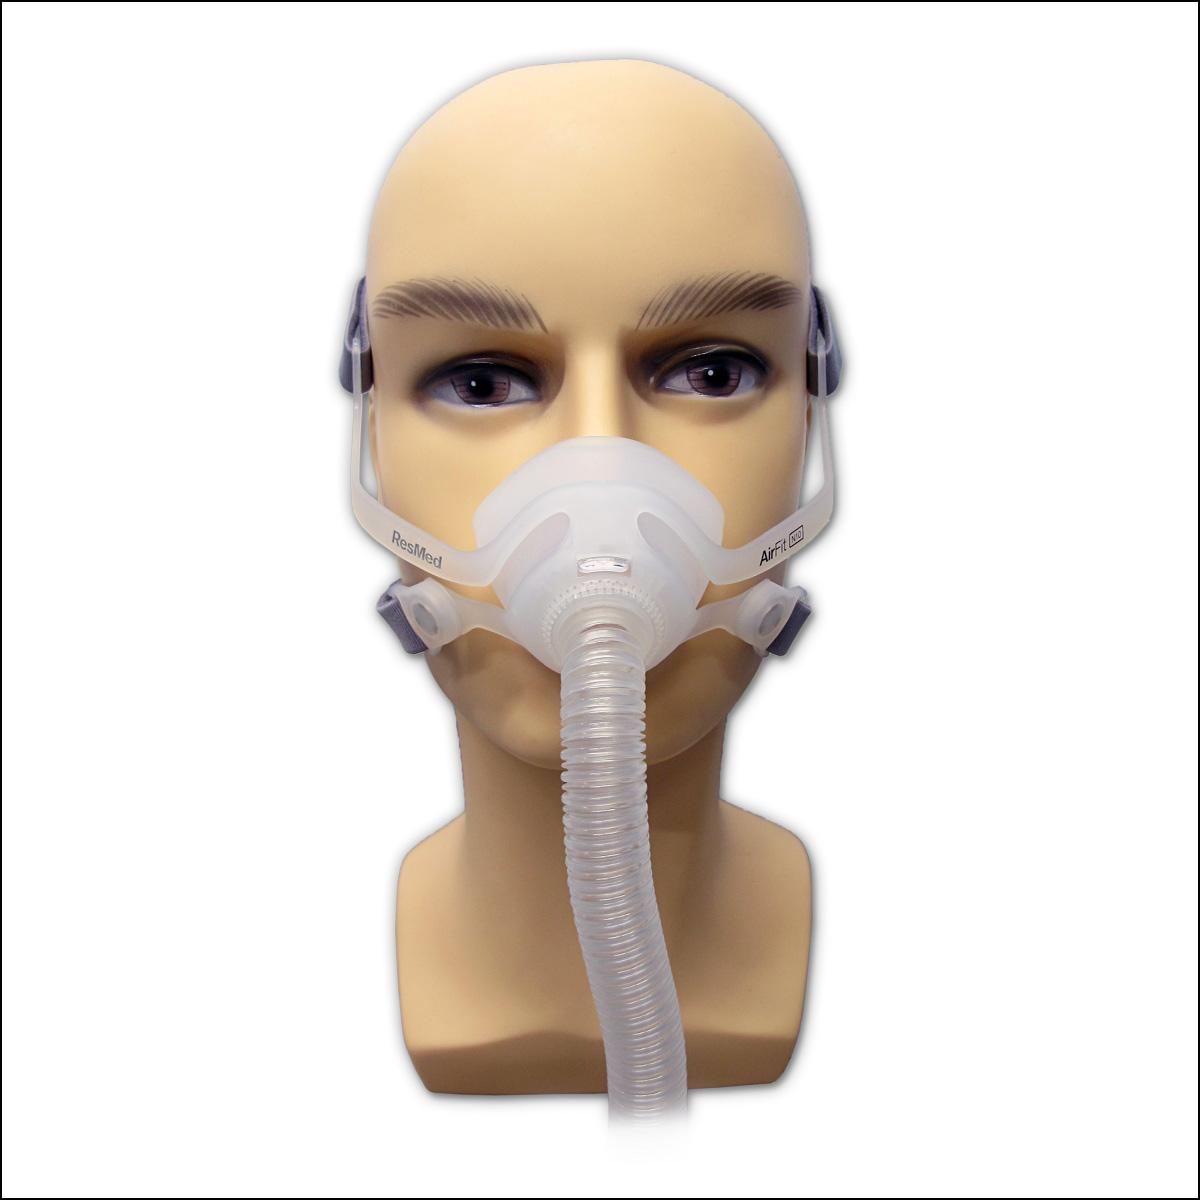 resmed airfit n10 nasal mask